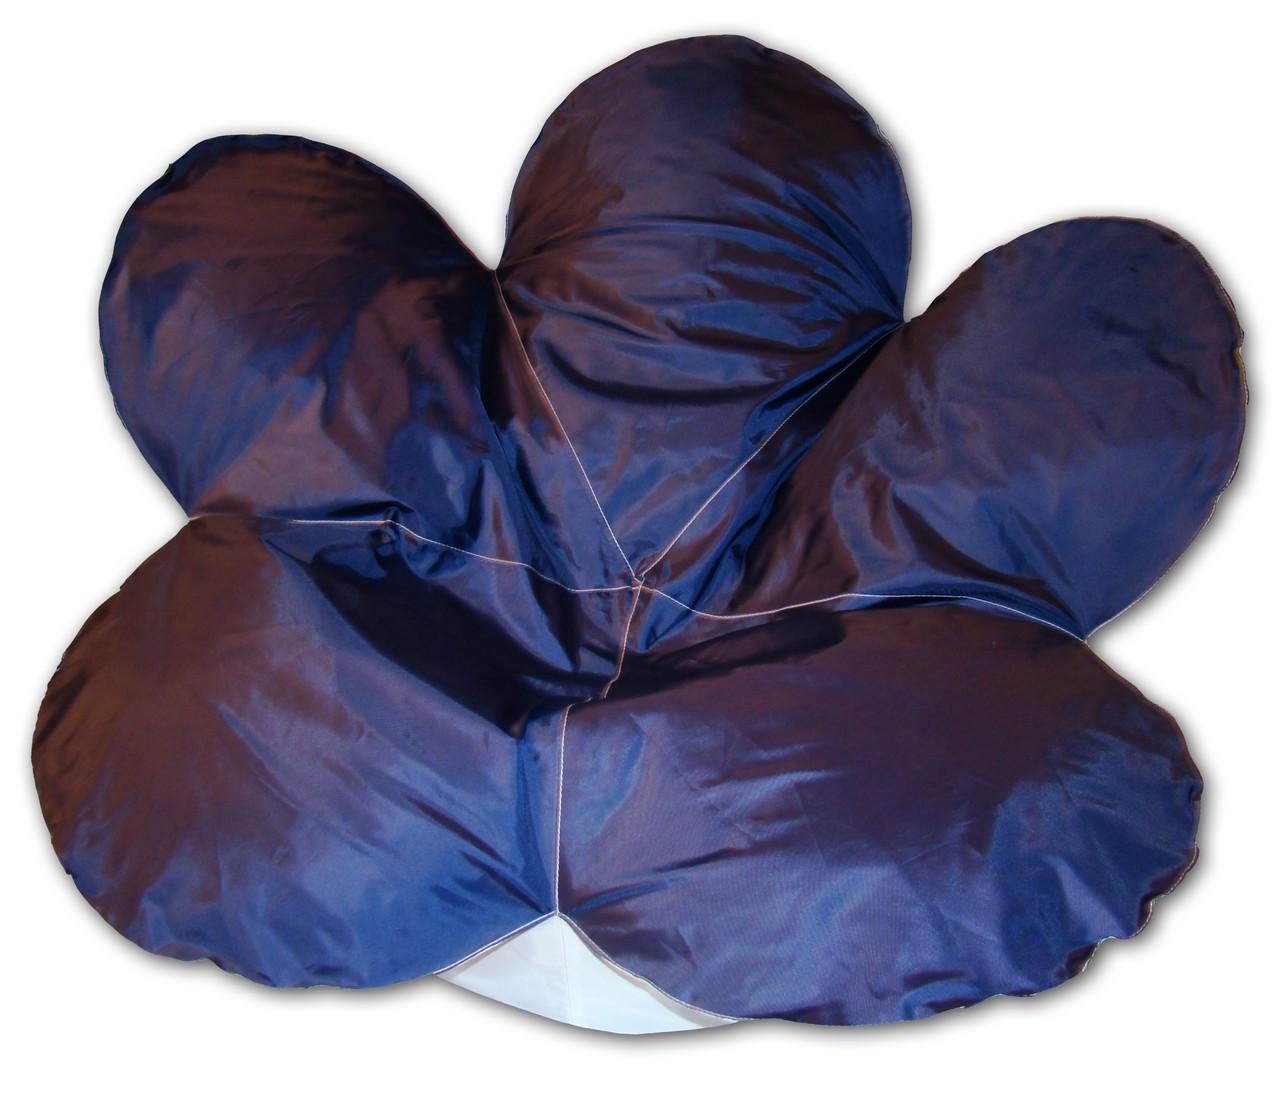 Безкаркасне крісло мішок Квіточка синьо-біле з тканини Оксфорд